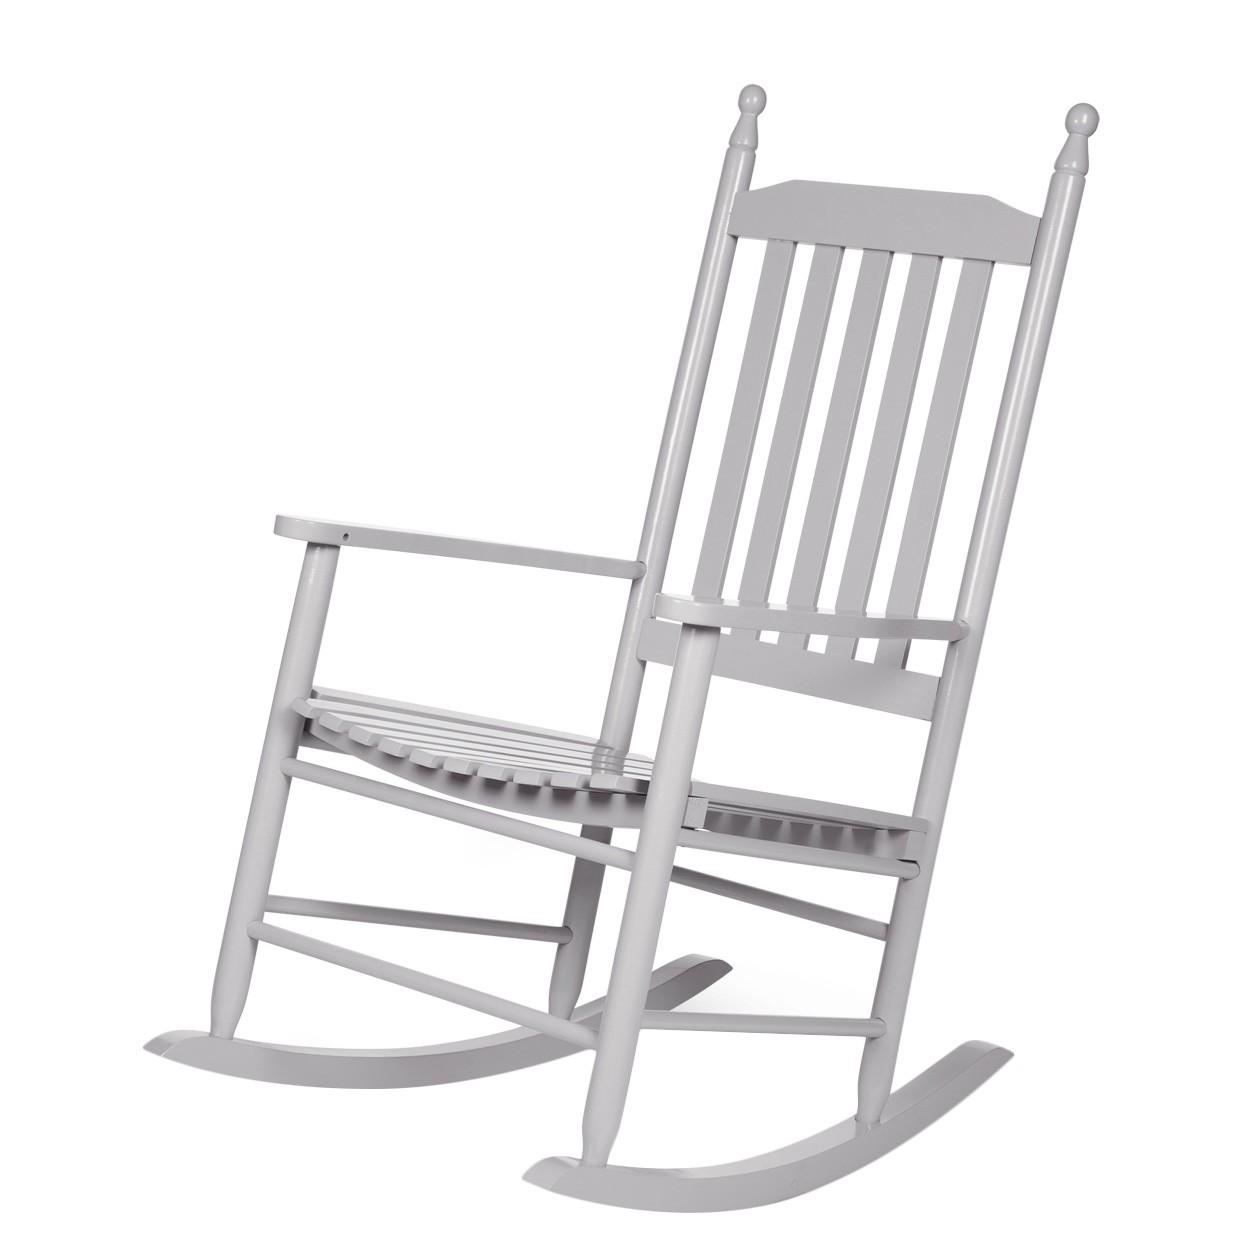 schommelstoel ikea wit kopen online internetwinkel. Black Bedroom Furniture Sets. Home Design Ideas